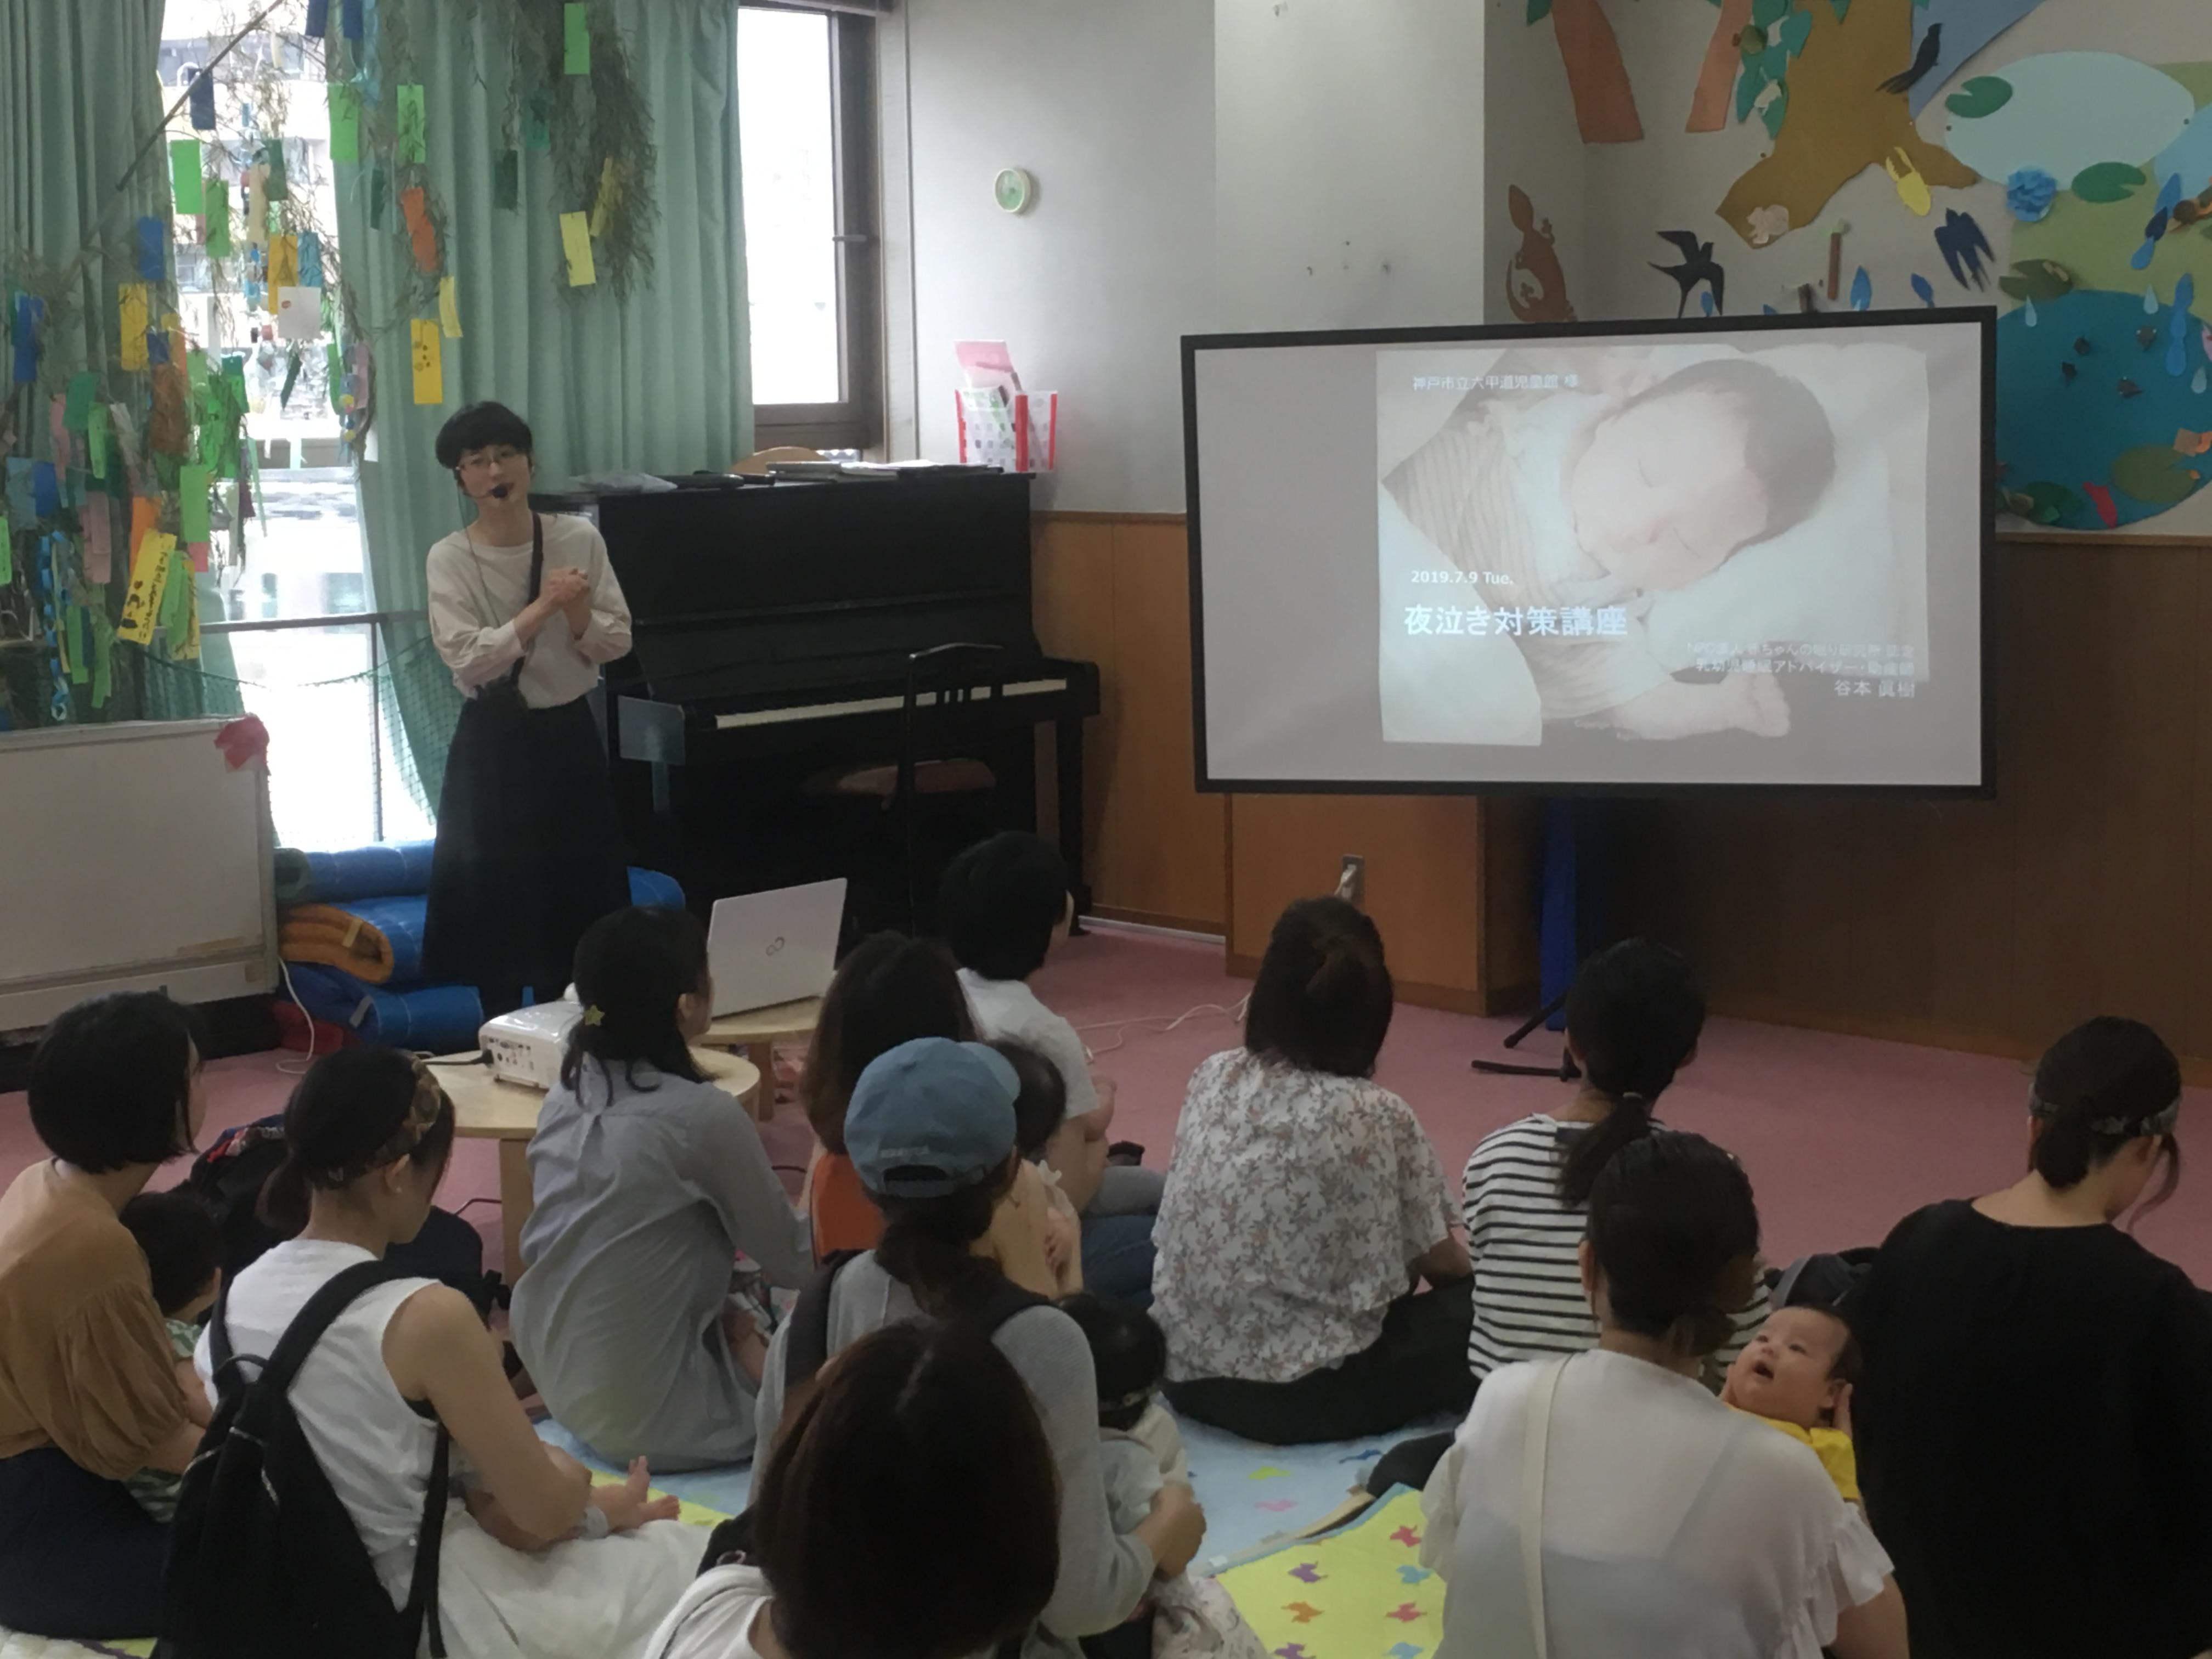 神戸市立六甲道児童館「赤ちゃんプログラム」ご報告☆